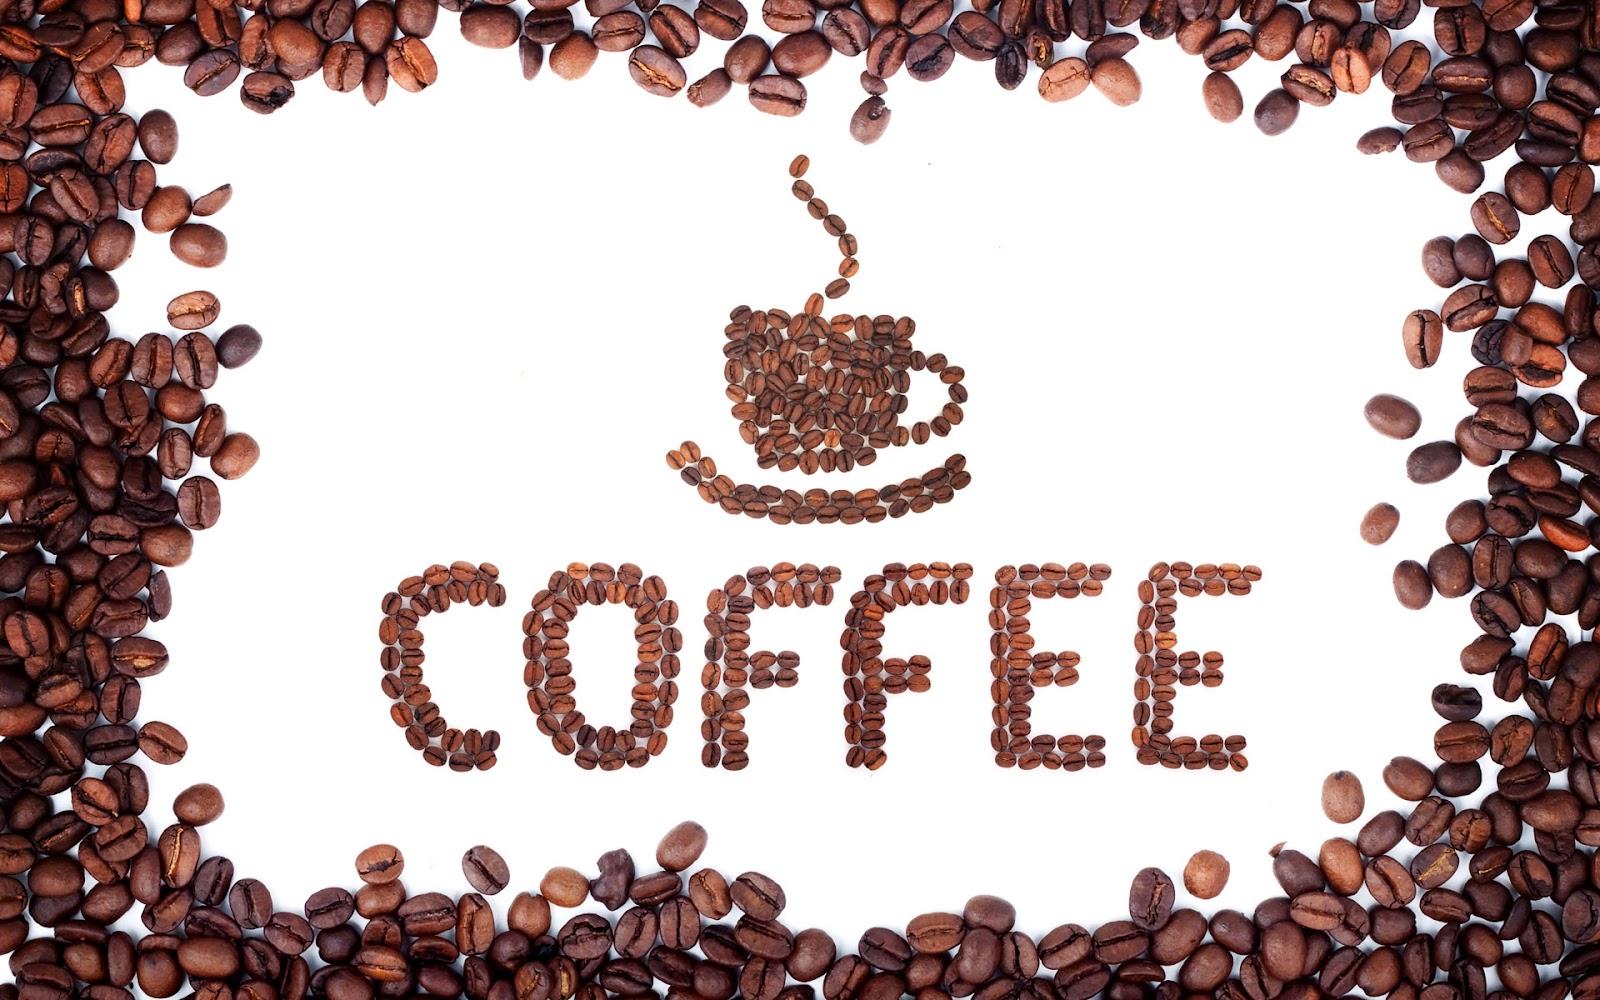 과학으로 살펴보는 커피의 진정한 매력